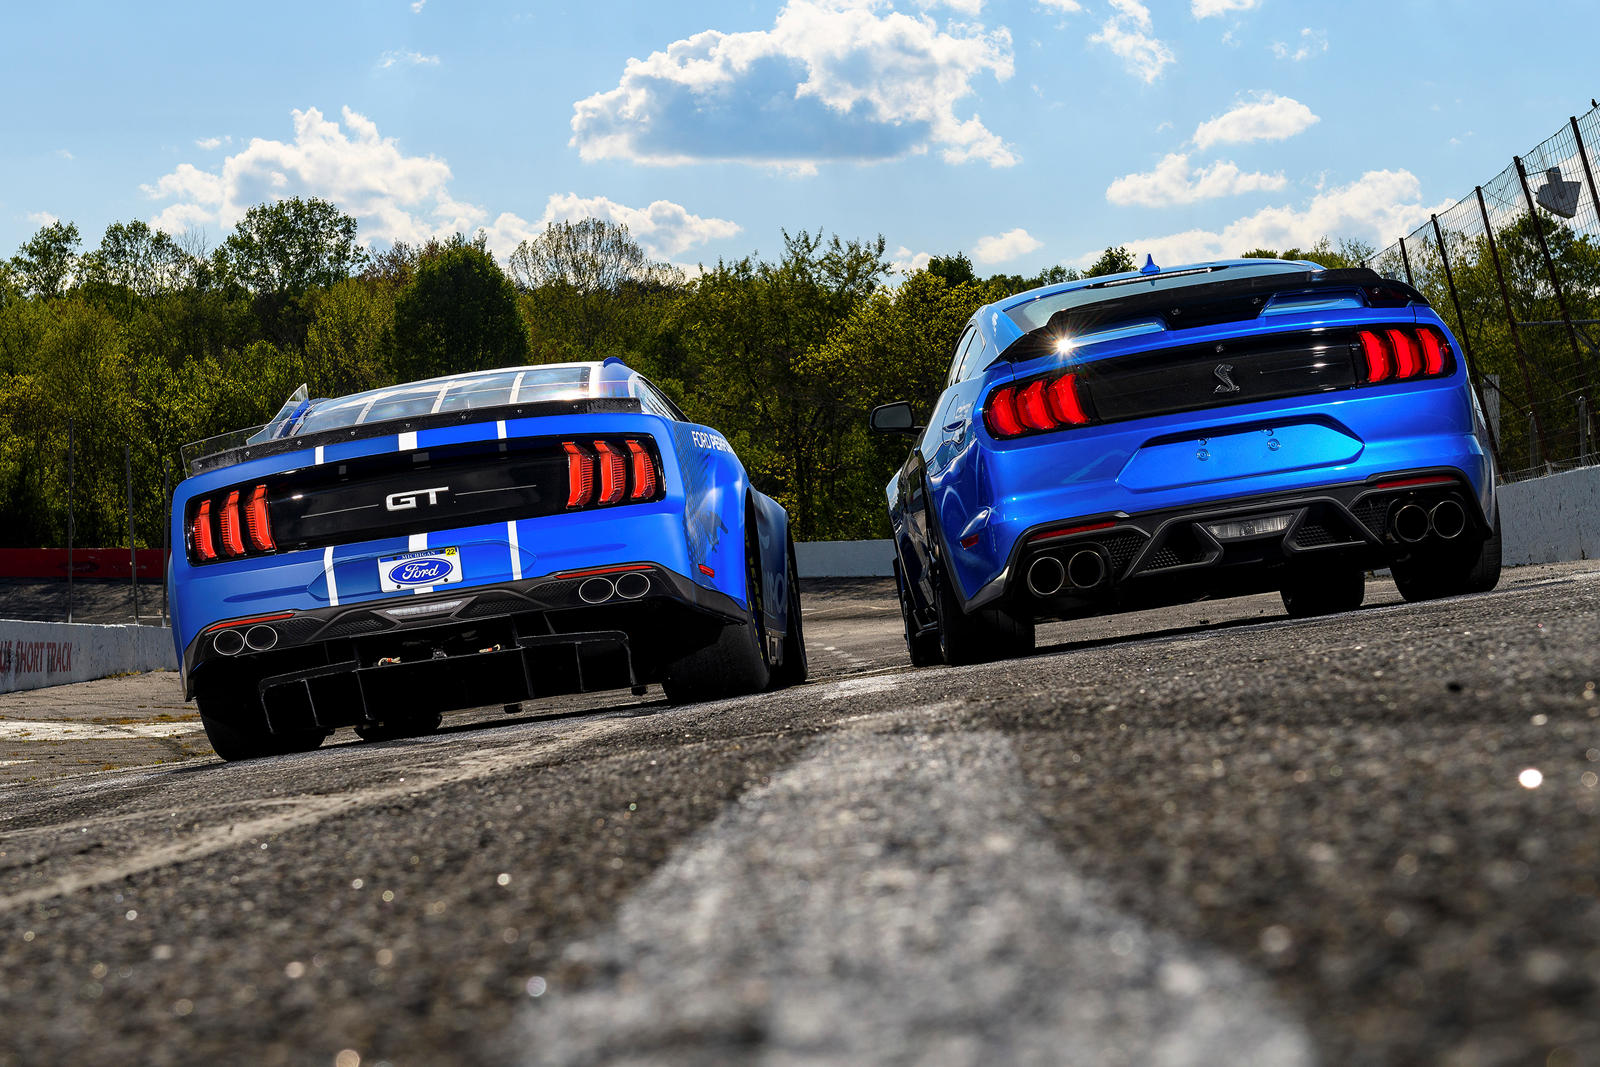 Mustang следующего поколения находился в разработке в течение двух лет, и его кузов был разработан с нуля. Ford отмечает, что новая модель создана с расчетом на будущее и достаточно гибка для таких достижений, как гибридные трансмиссии гоночного уров